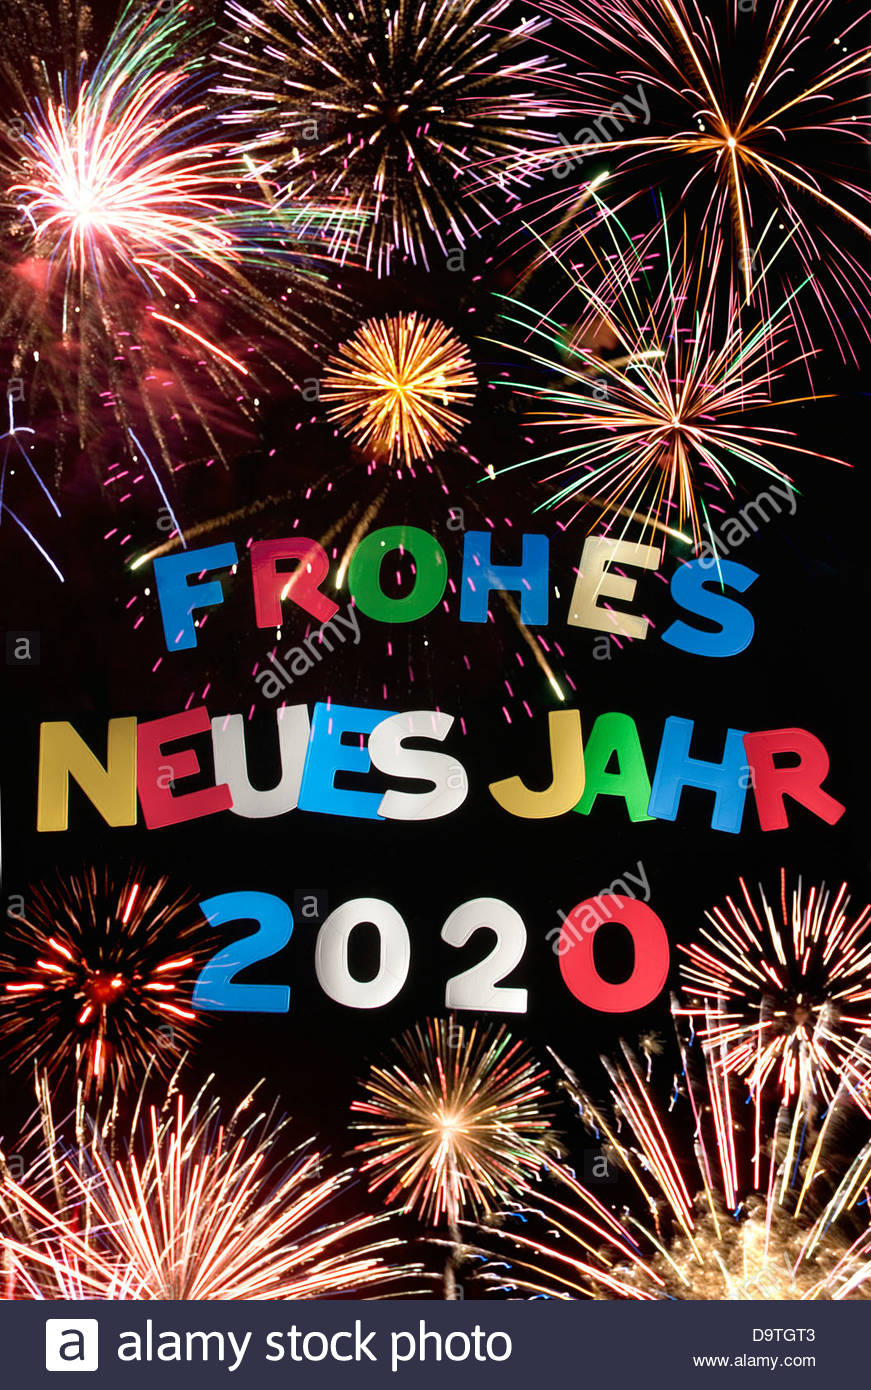 Silvester Neujahr 2020